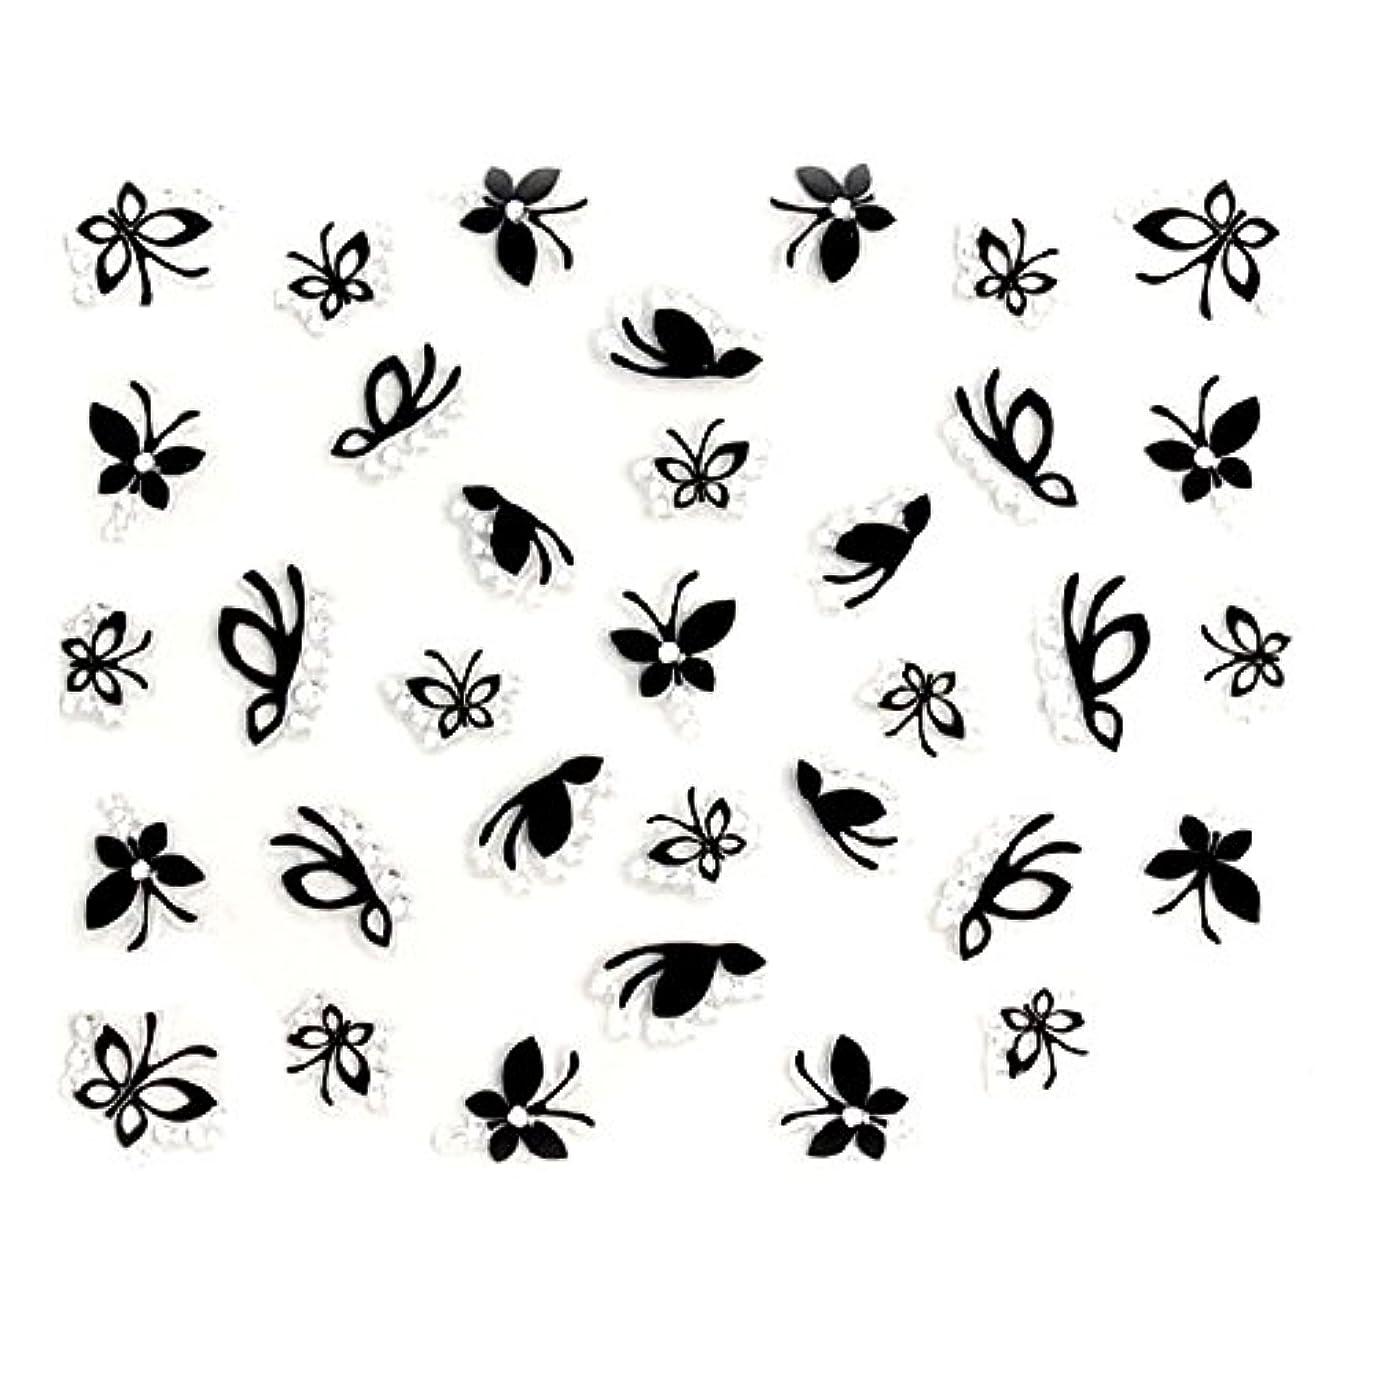 描写蒸し器密輸ネイル シール ブラックアートバタフライ 蝶 1